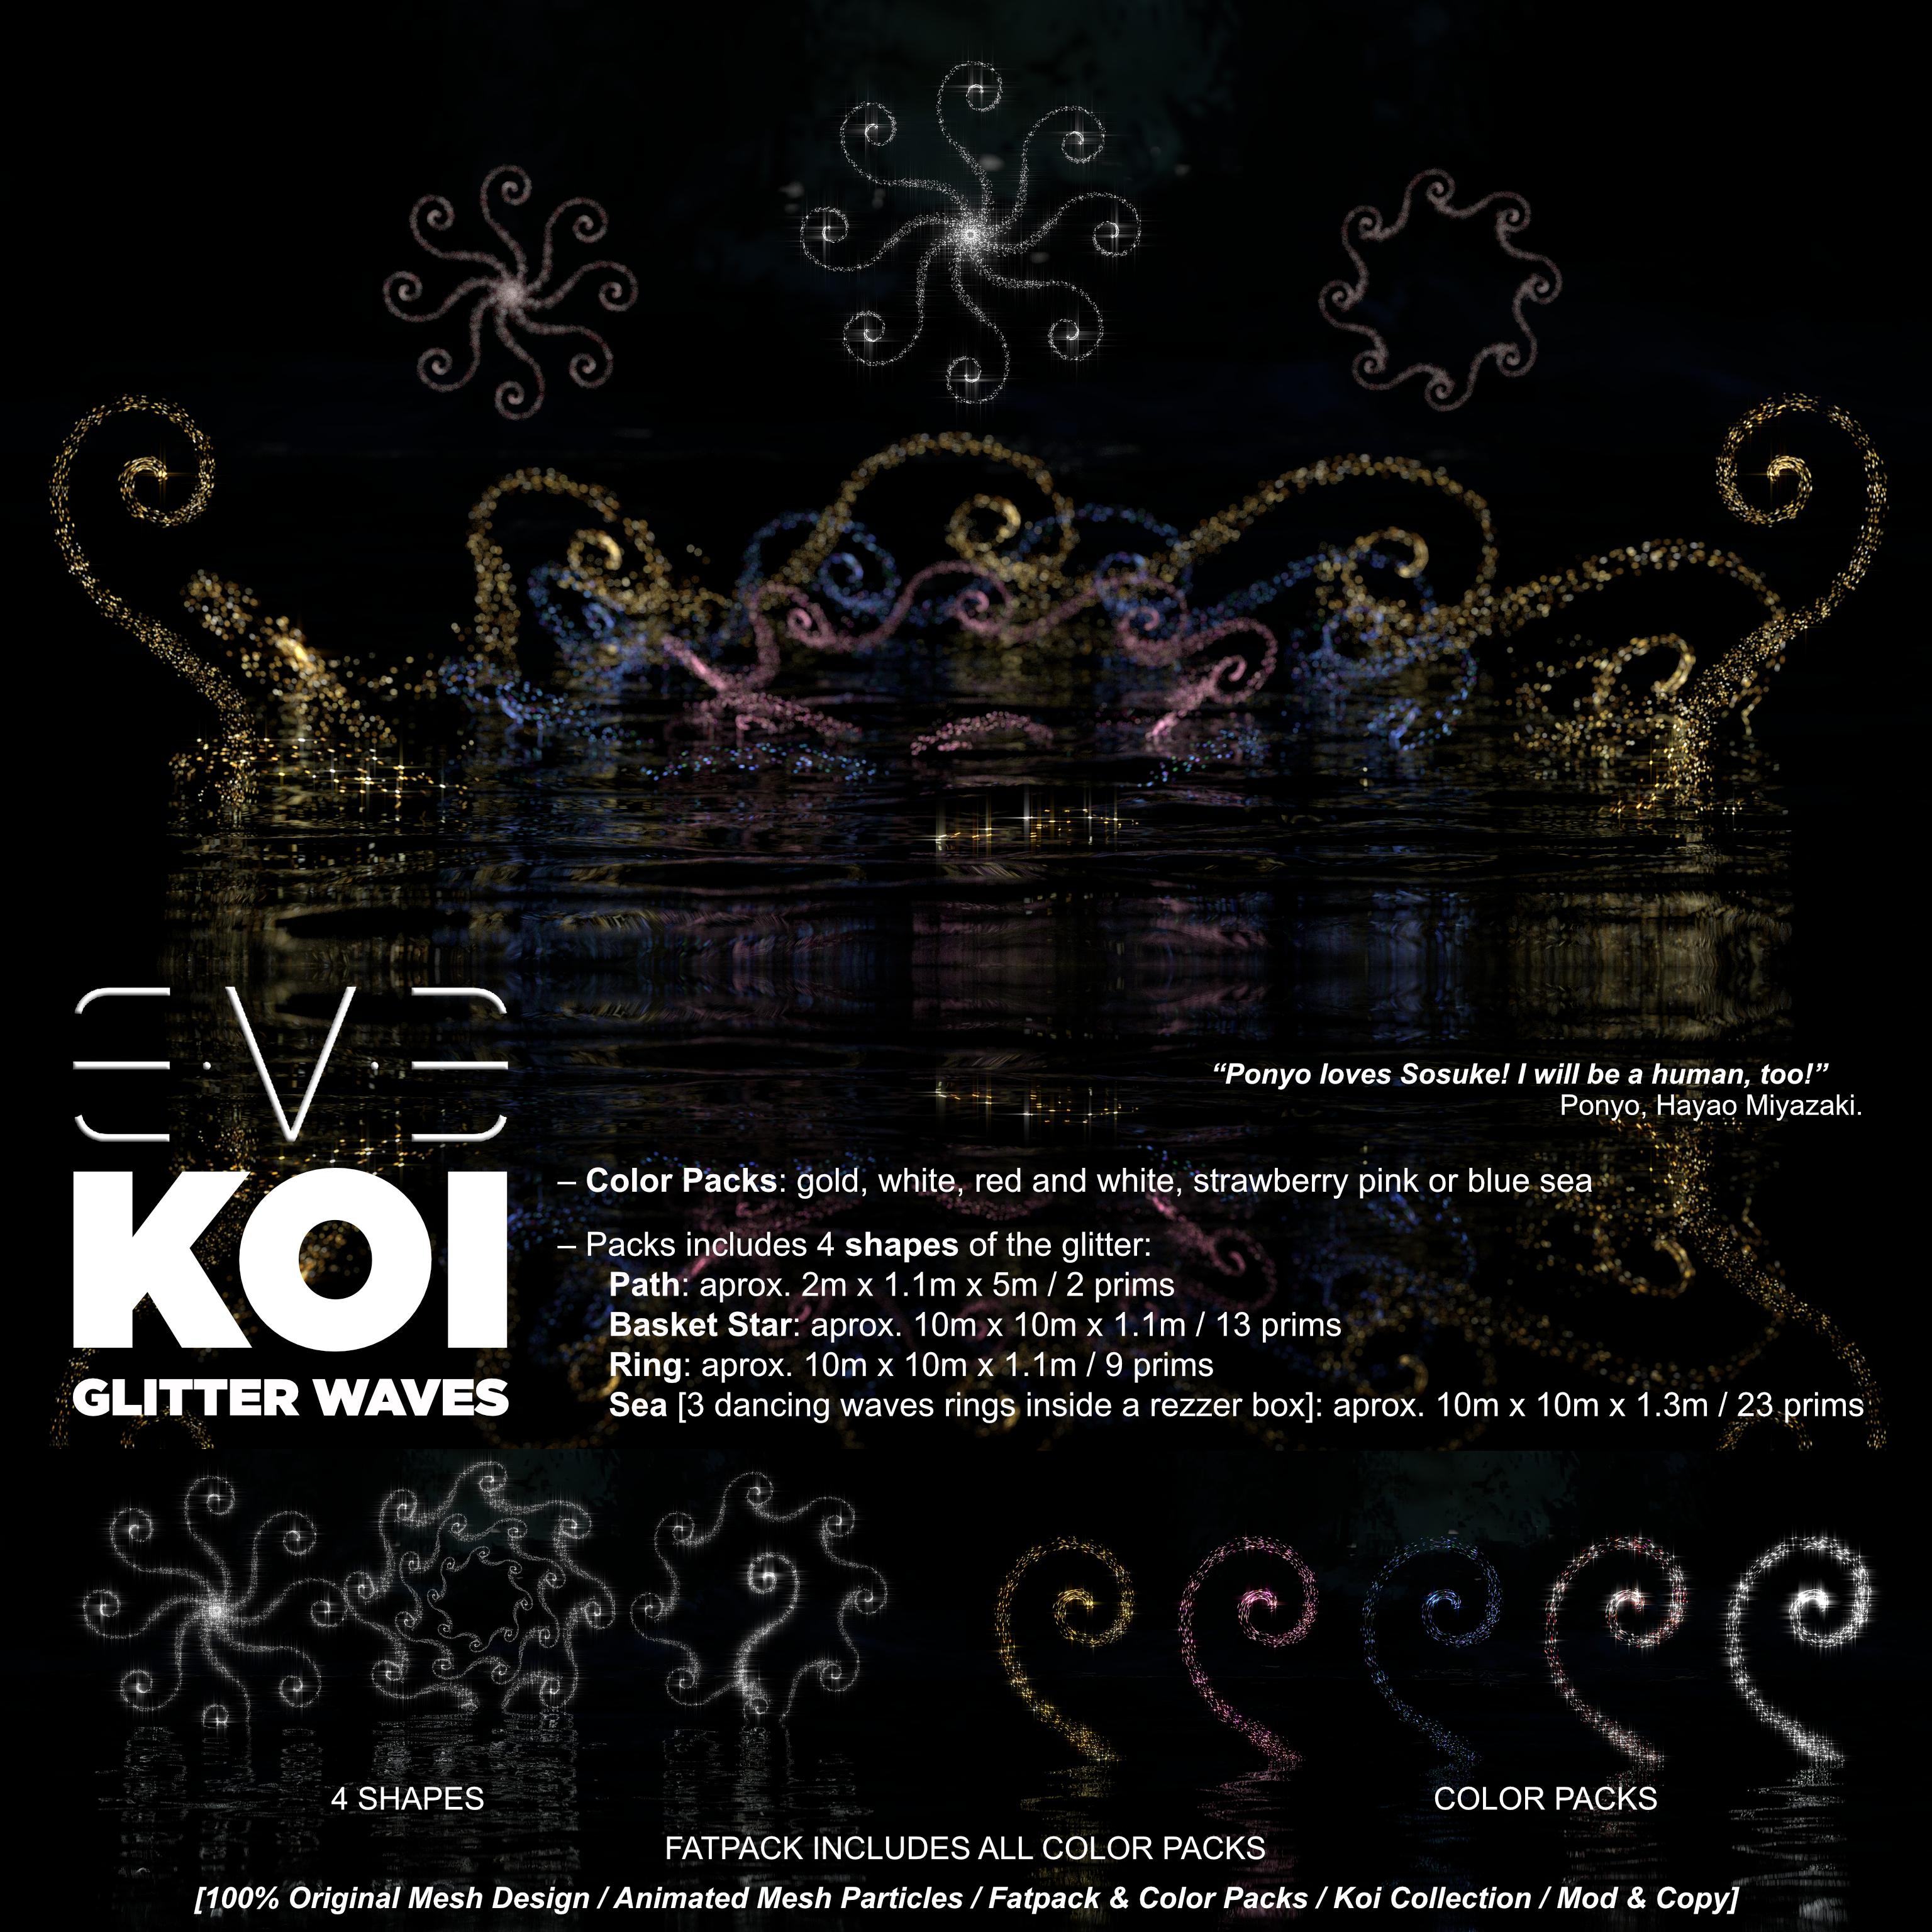 E.V.E Koi Glitter Waves [Specs]